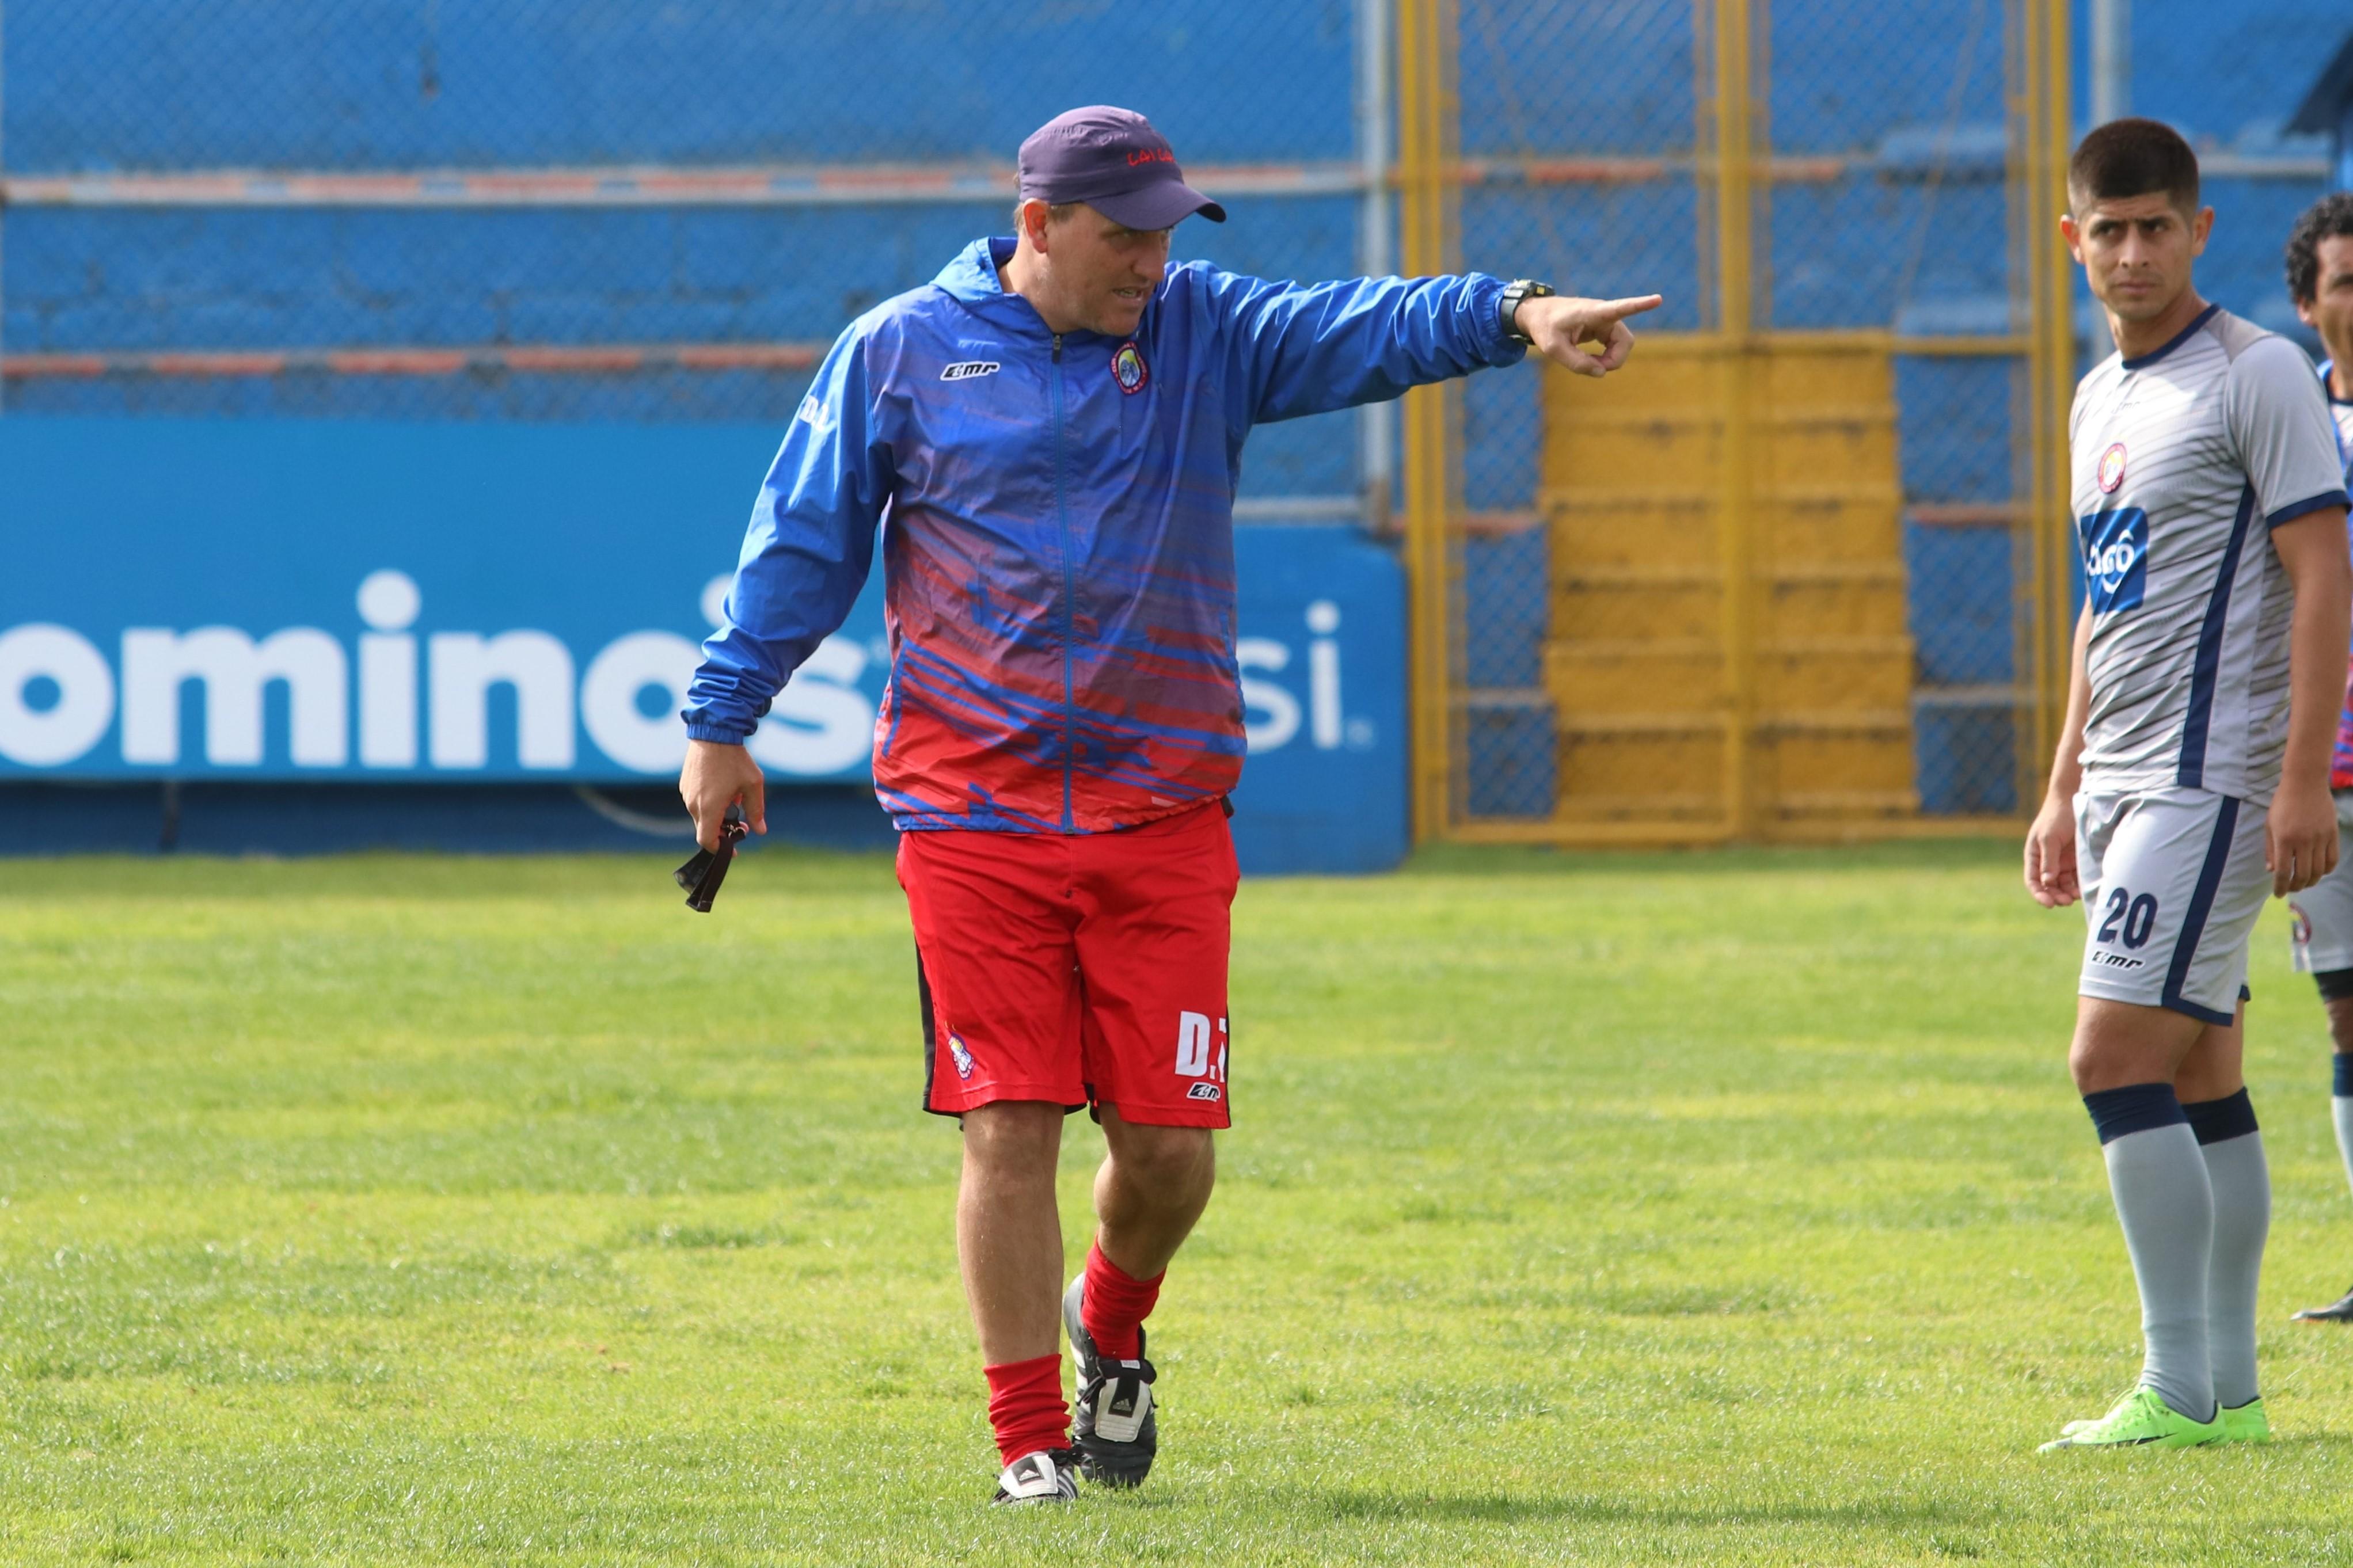 Ramiro Cepeda ha sido criticado por algún sector de la afición de Xelajú por el estilo de juego que muestra el equipo quetzalteco. (Foto Prensa Libre: Raúl Juárez)